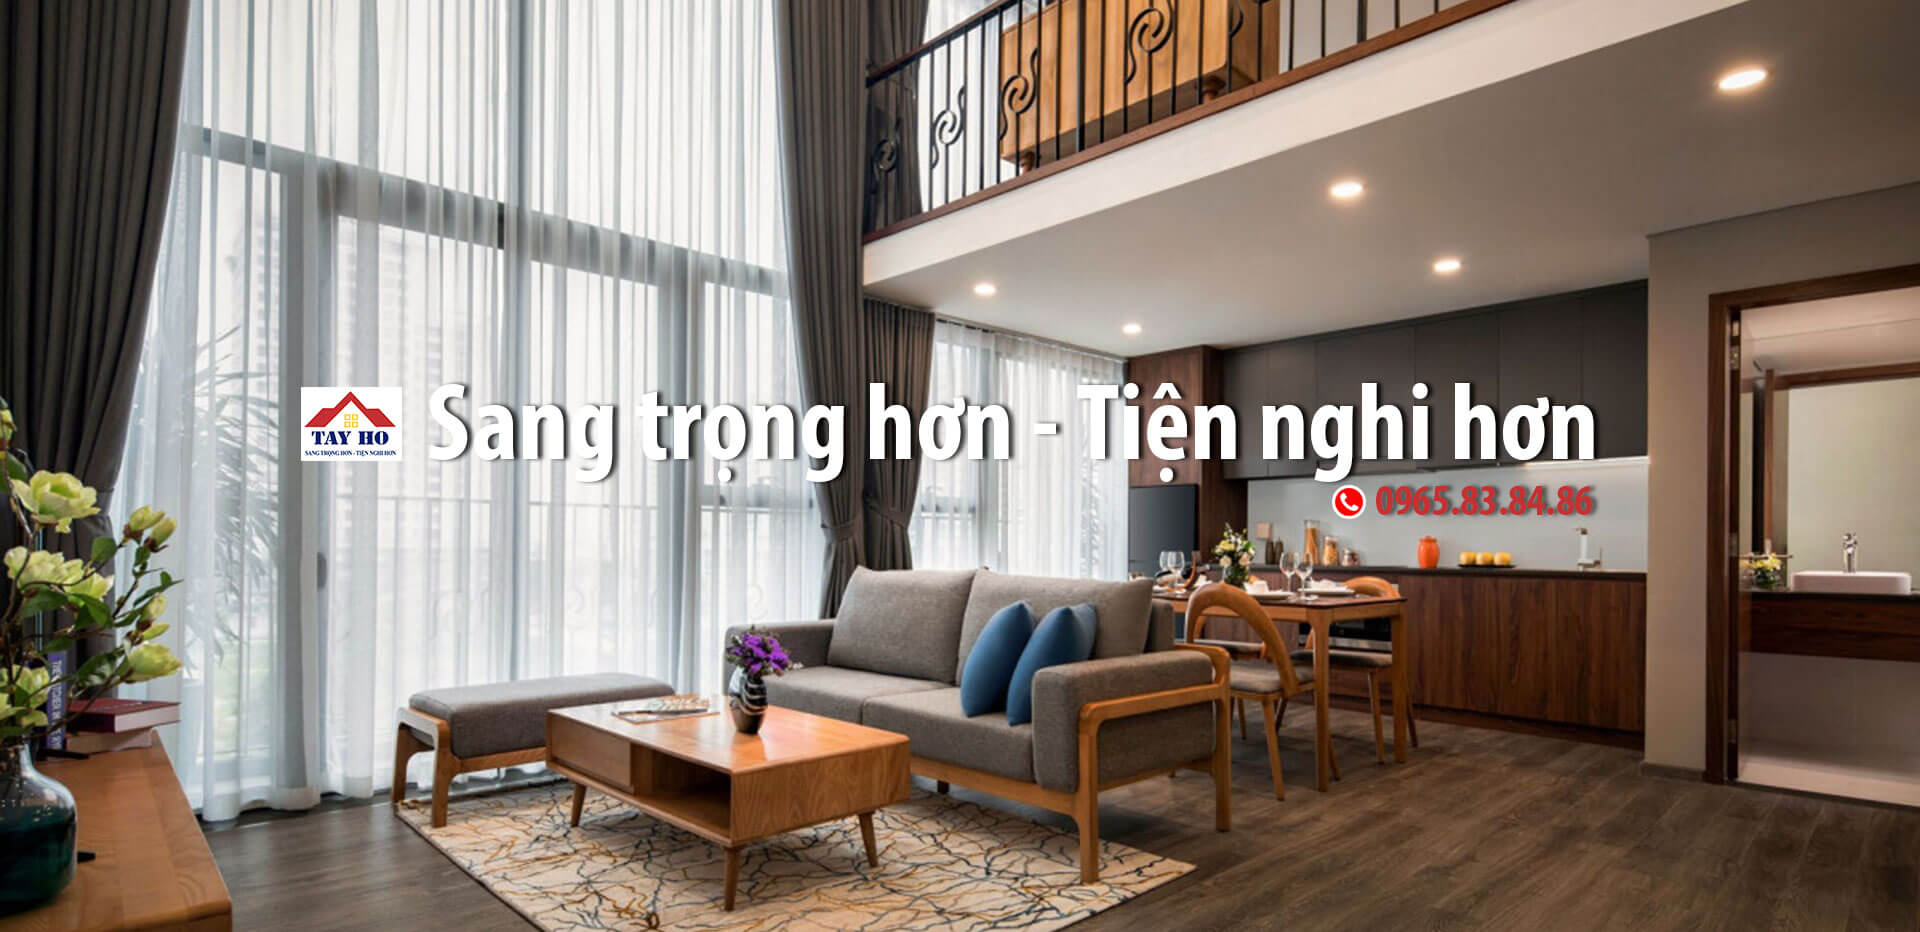 Xây dựng Tây Hồ Công ty Xây dựng chuyên thi công, sửa chữa tại Hà Nội